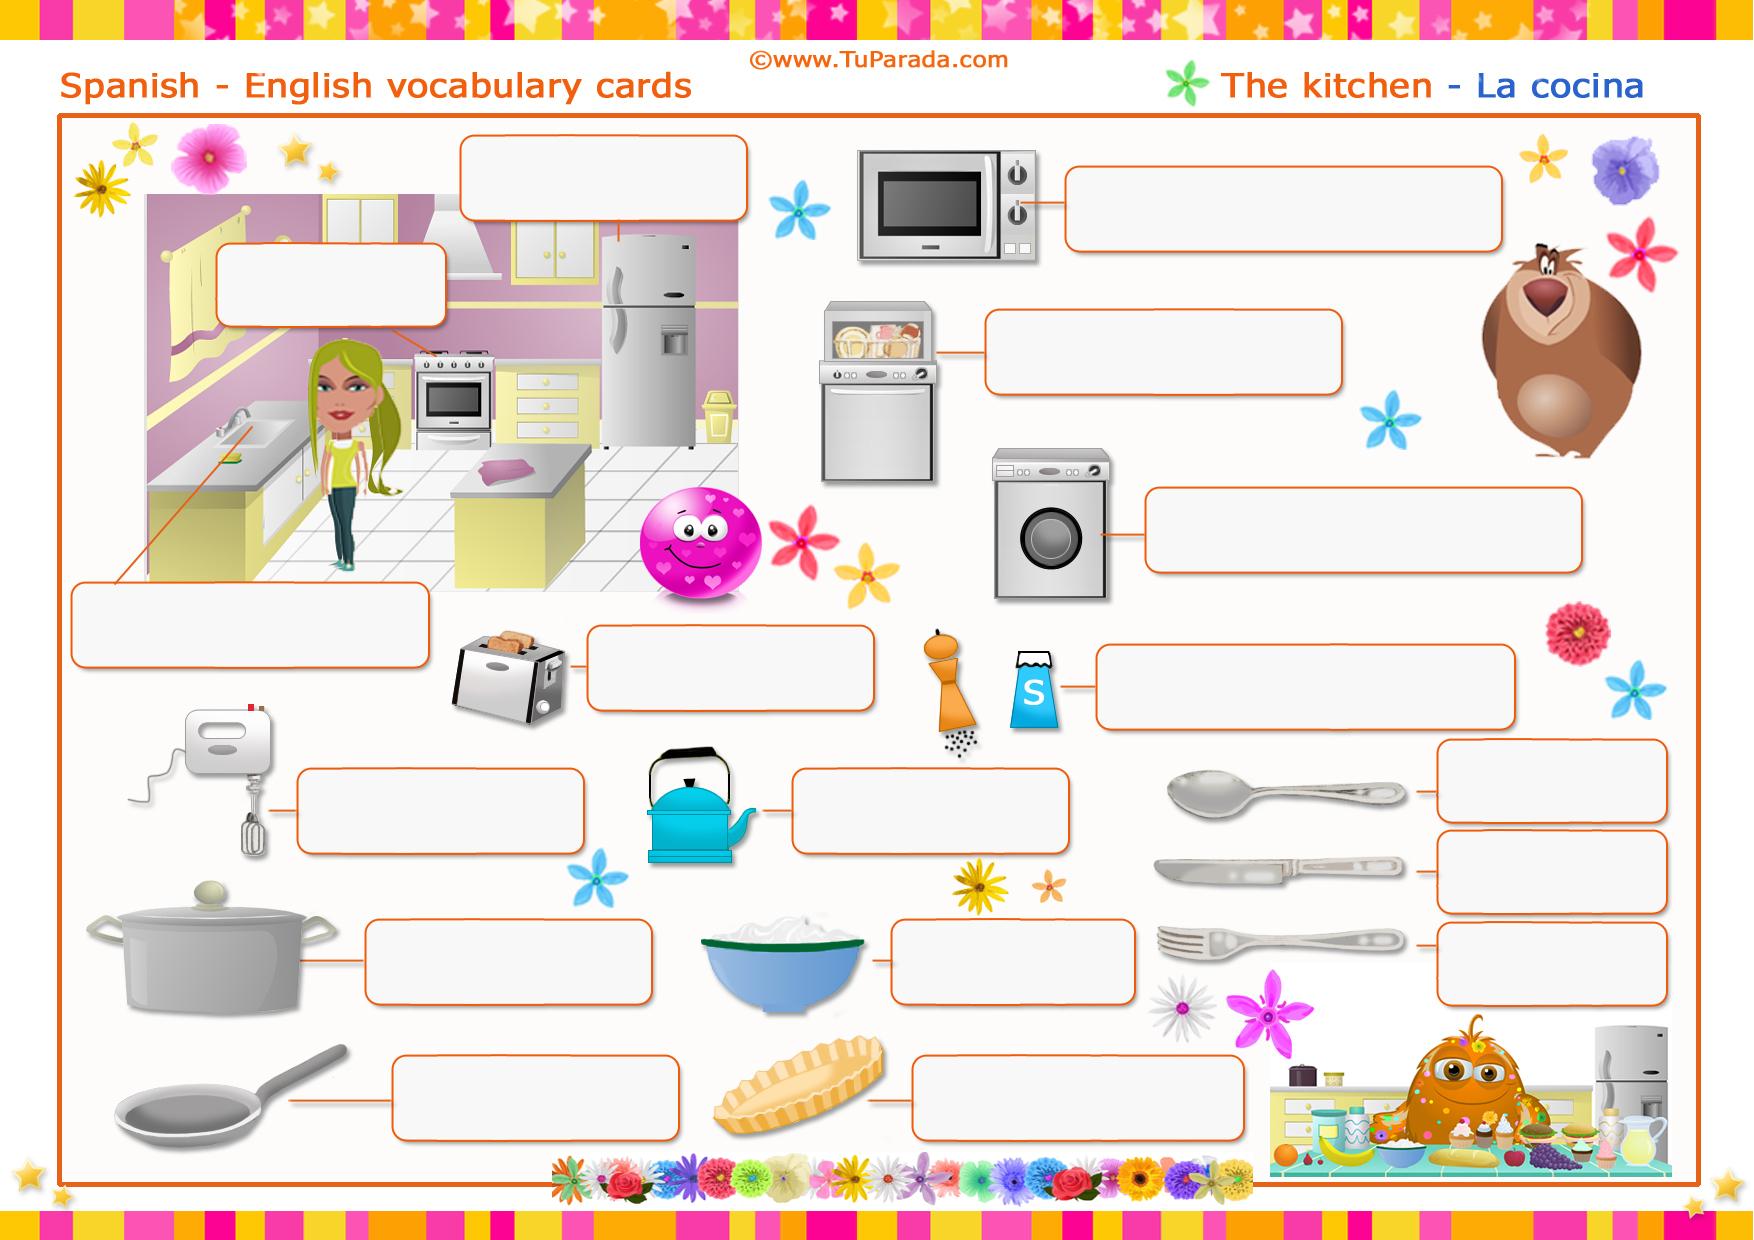 Vocabulario la cocina the kitchen imprimir - Imagenes de cocinas para imprimir ...